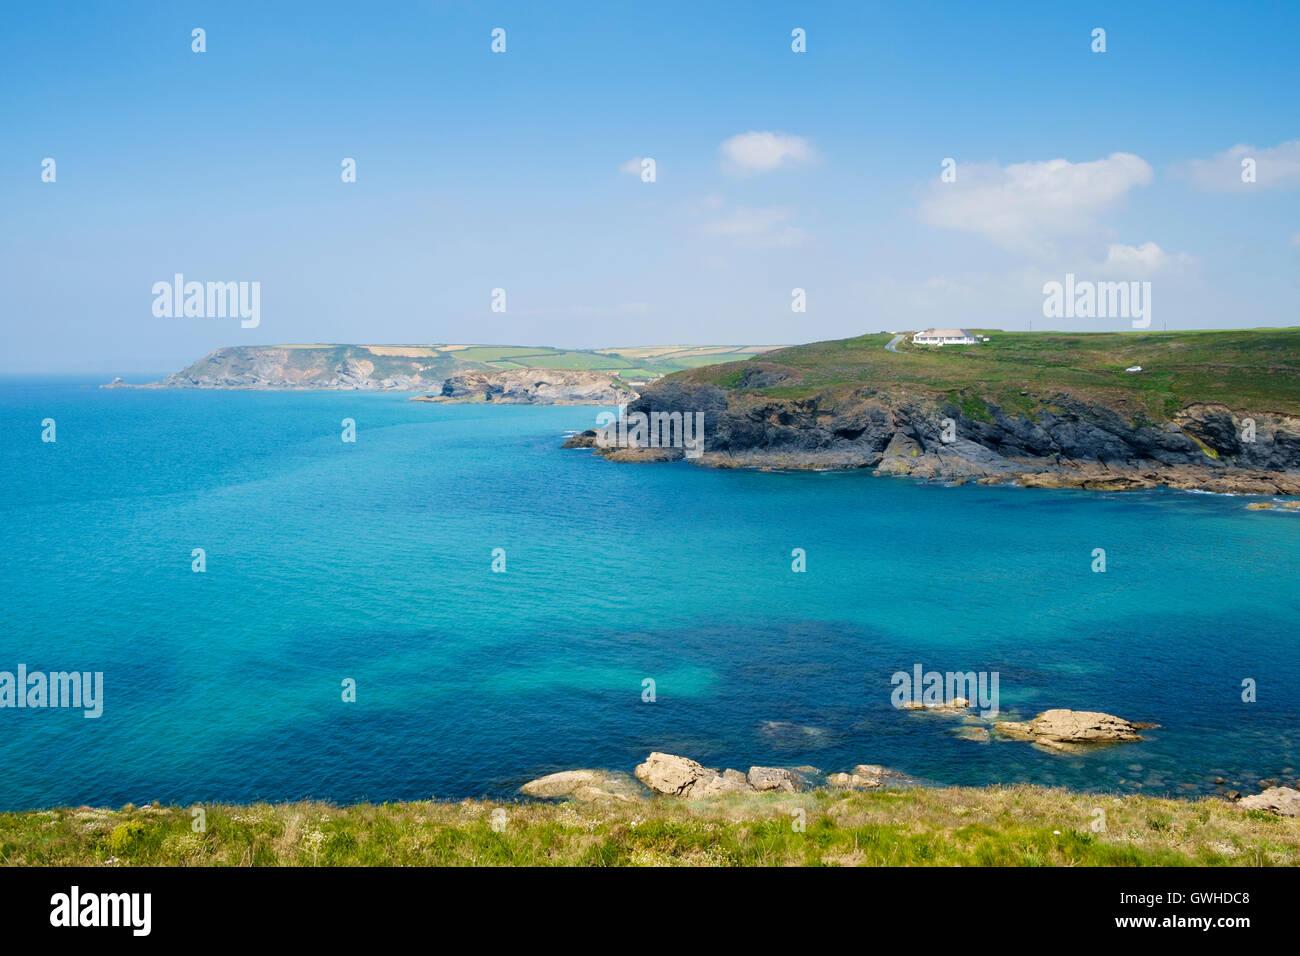 Klare blaue Meer vor der Küste von Poldhu Cove, Lizard Halbinsel, Cornwall, England, Großbritannien im Stockbild